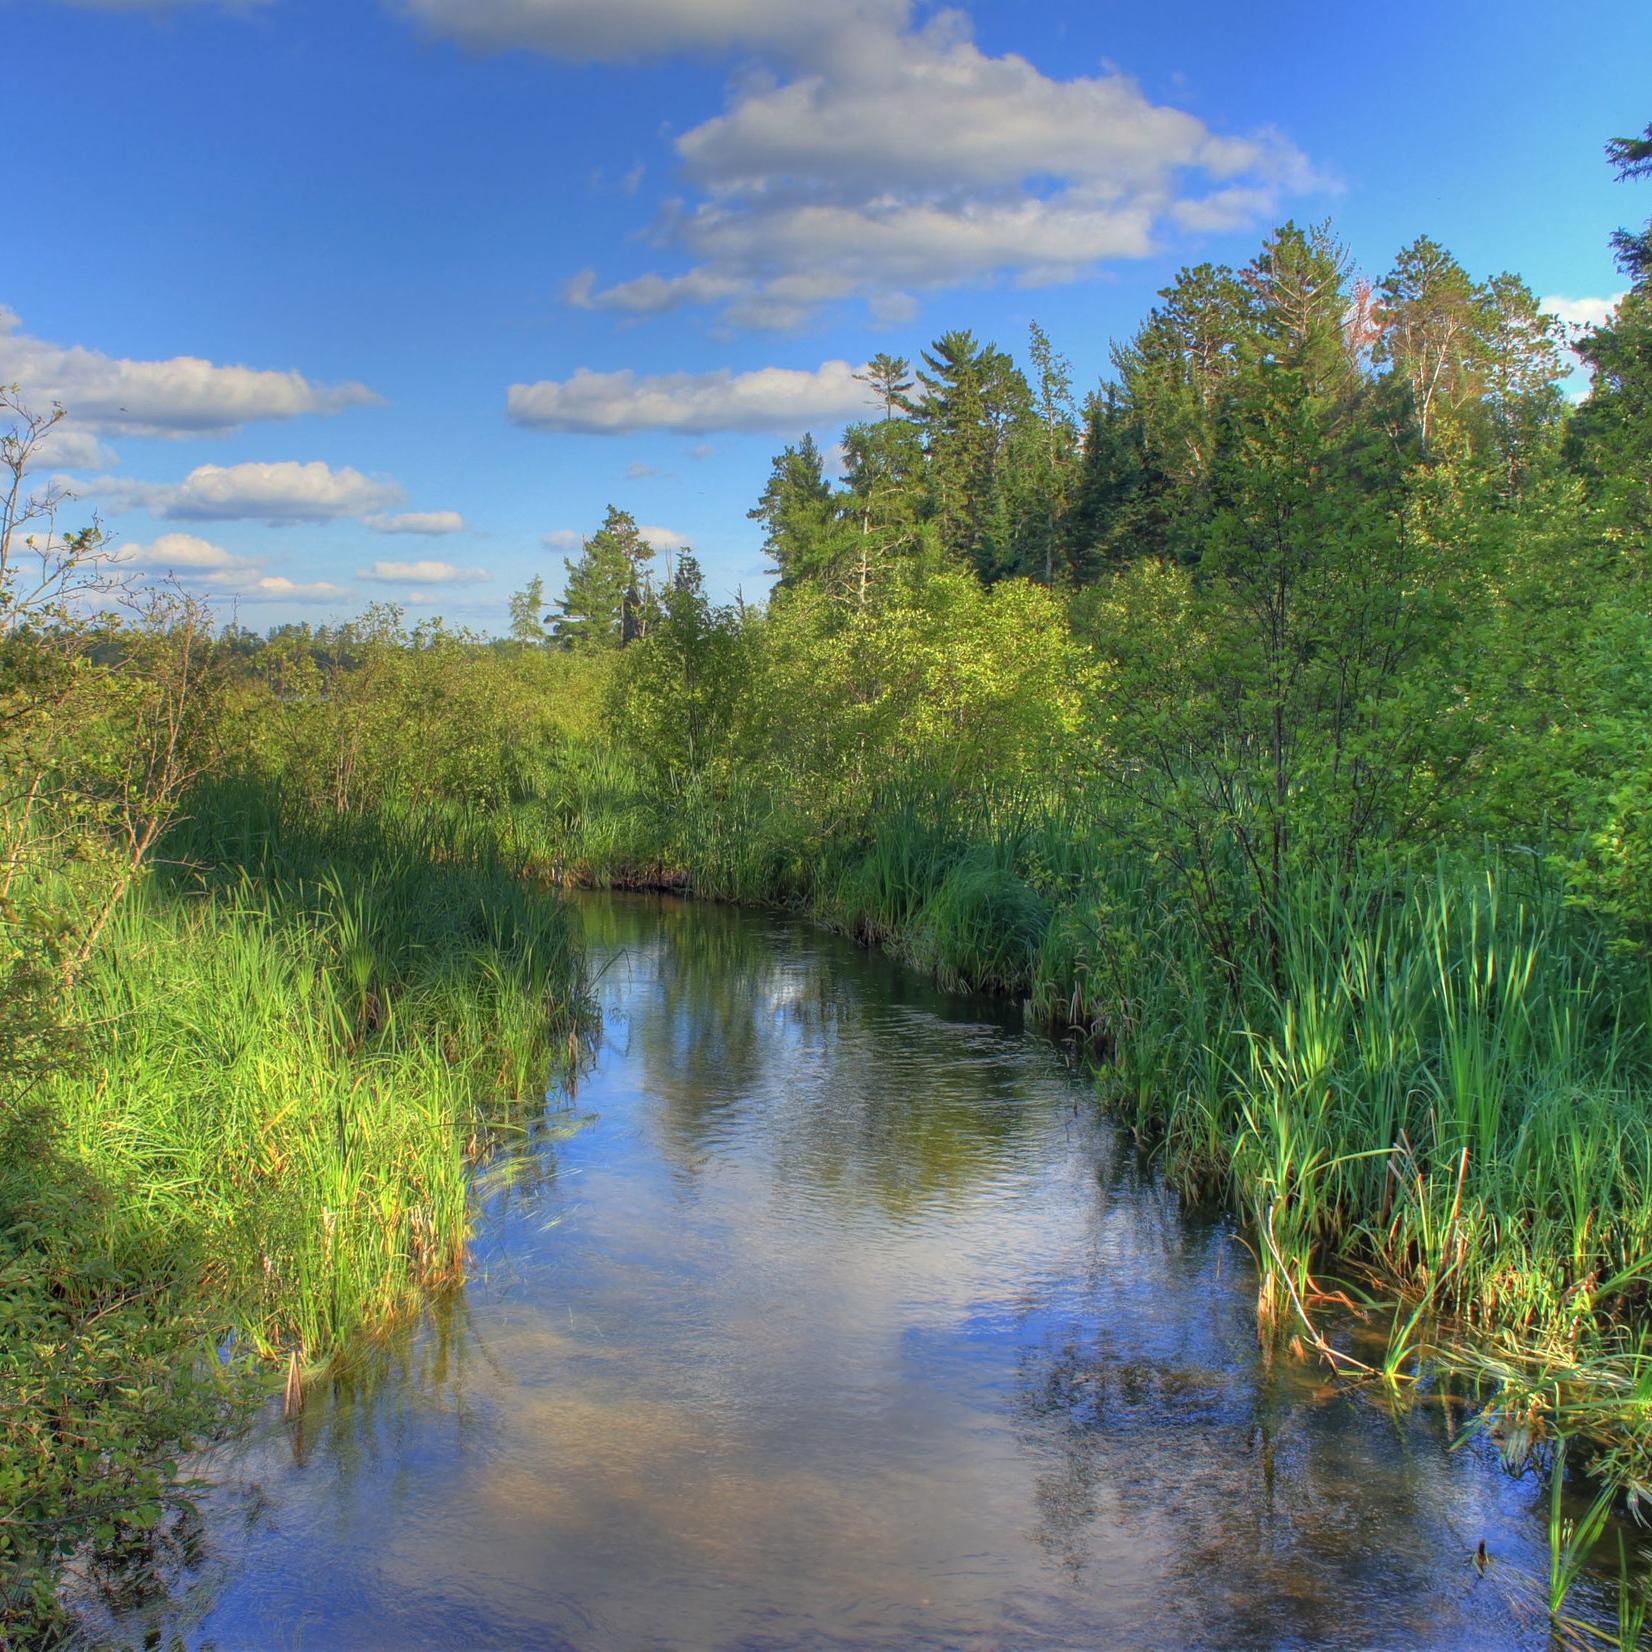 minnesota-lake-itasca-state-park-the-infant-mississippi.jpg